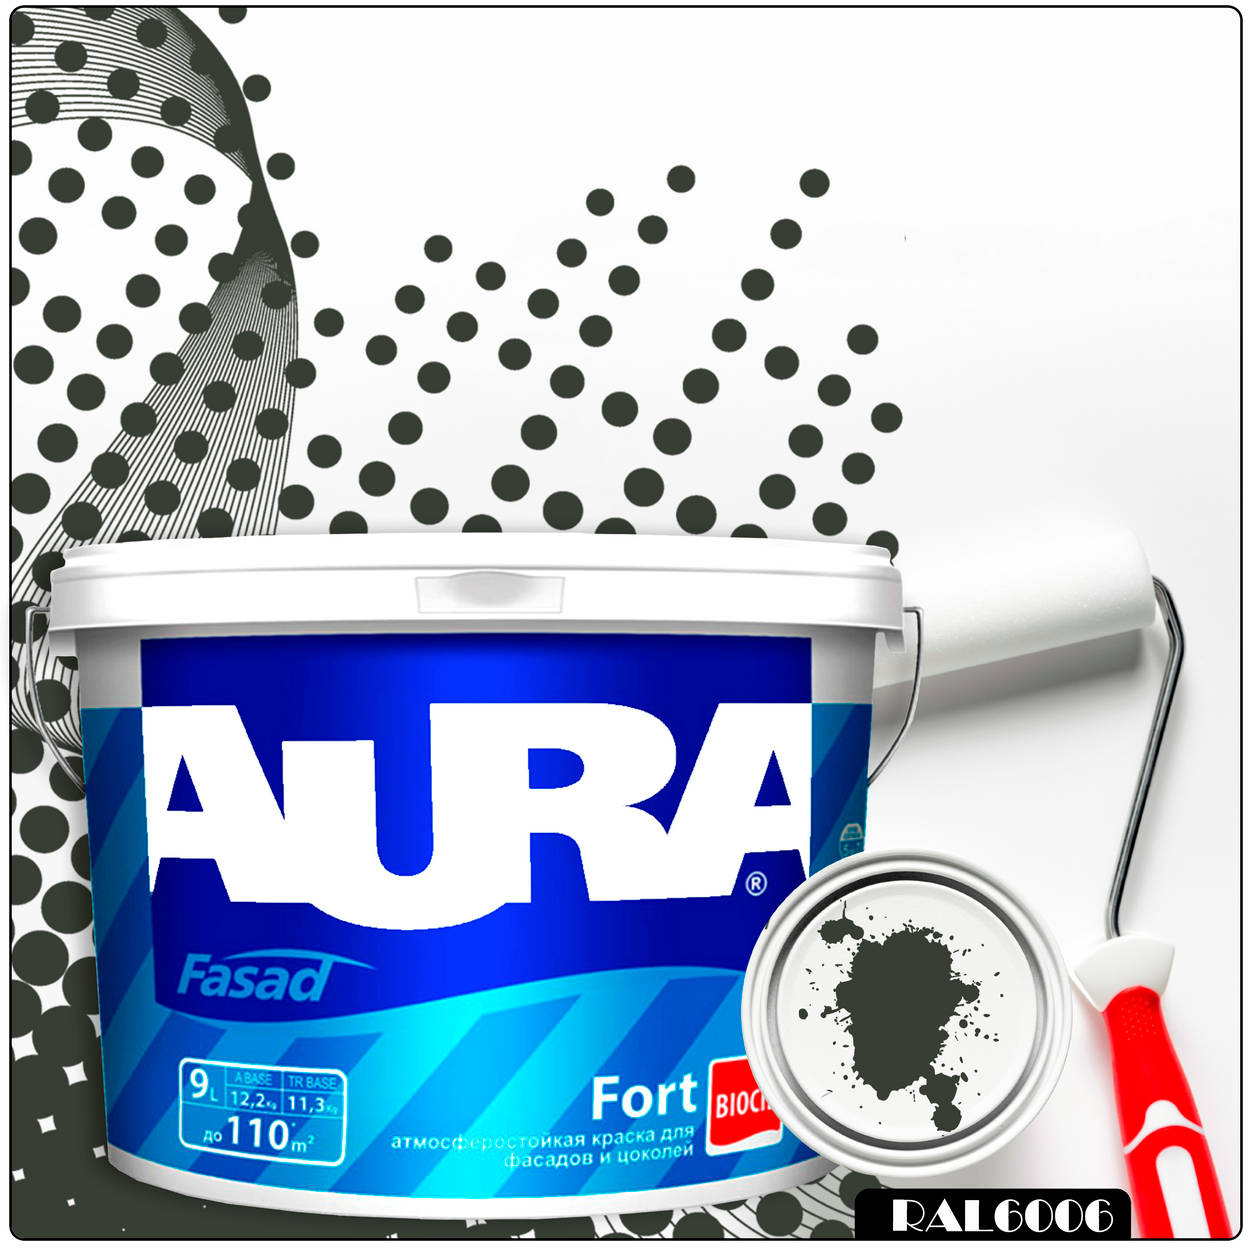 Фото 7 - Краска Aura Fasad Fort, RAL 6006 Серо-оливковый, латексная, матовая, для фасада и цоколей, 9л, Аура.